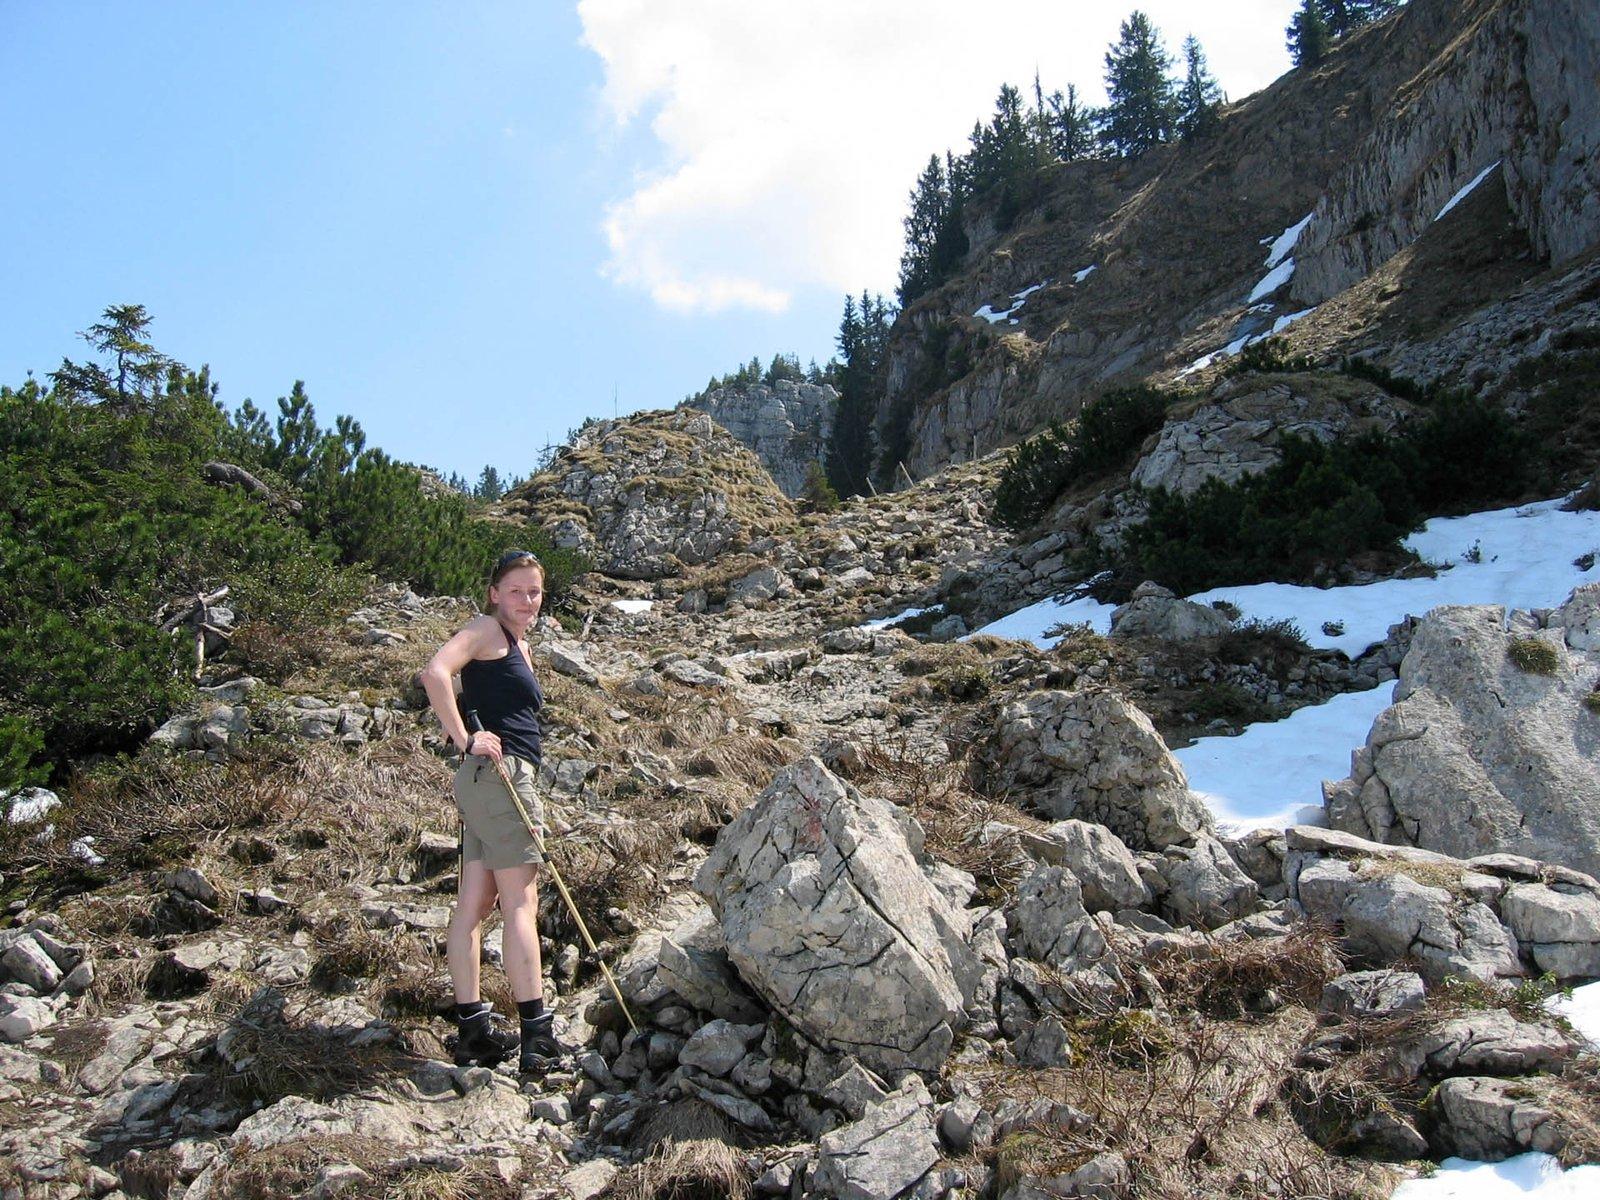 Klettersteig Besler : Bergtour wanderung zum besler und beslerkopf basegwamp